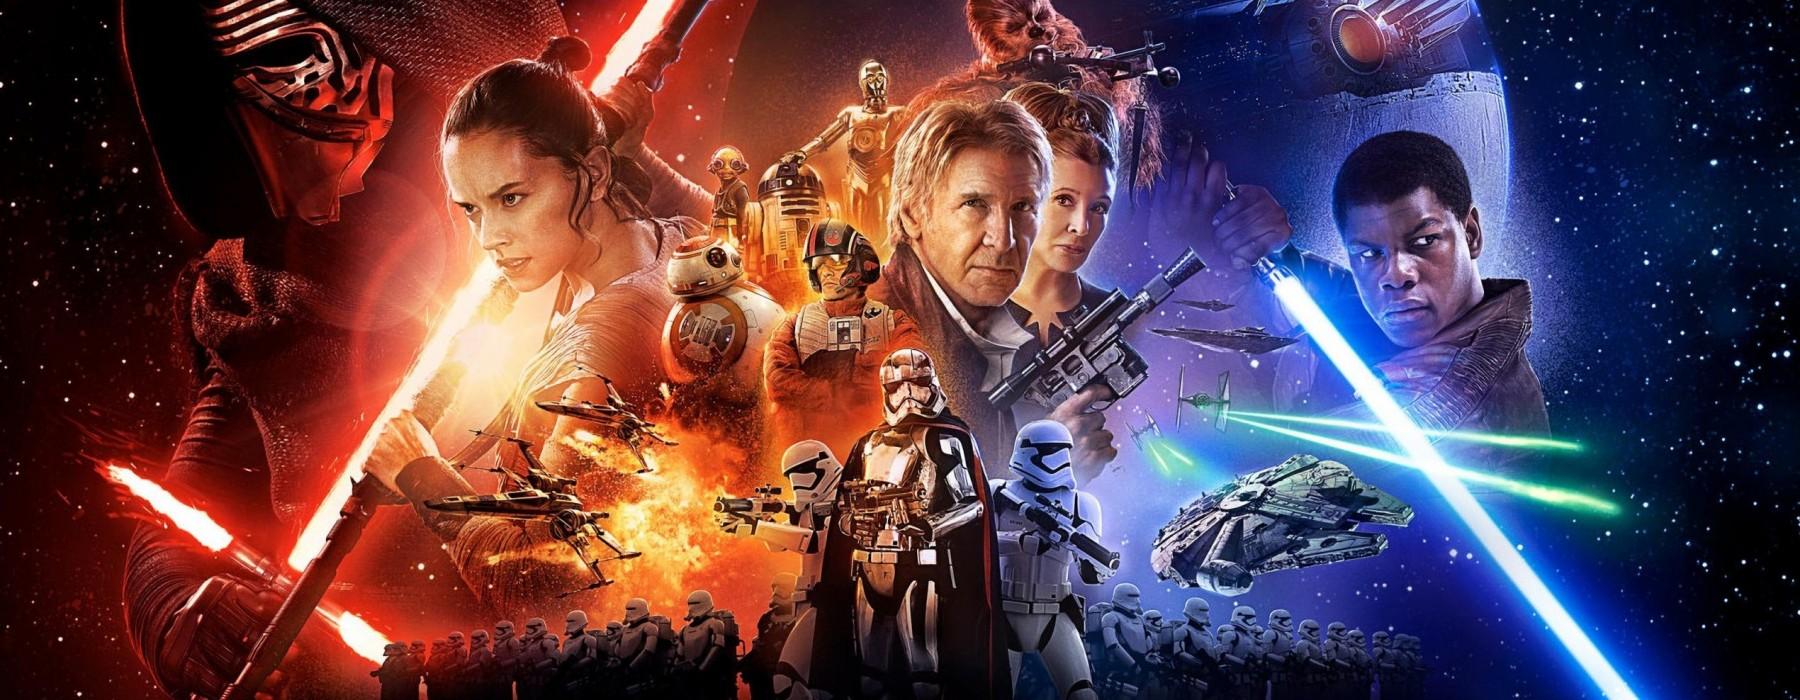 """""""Gwiezdne wojny: Przebudzenie mocy"""" i powody, dla których moc mogła jeszcze pospać"""